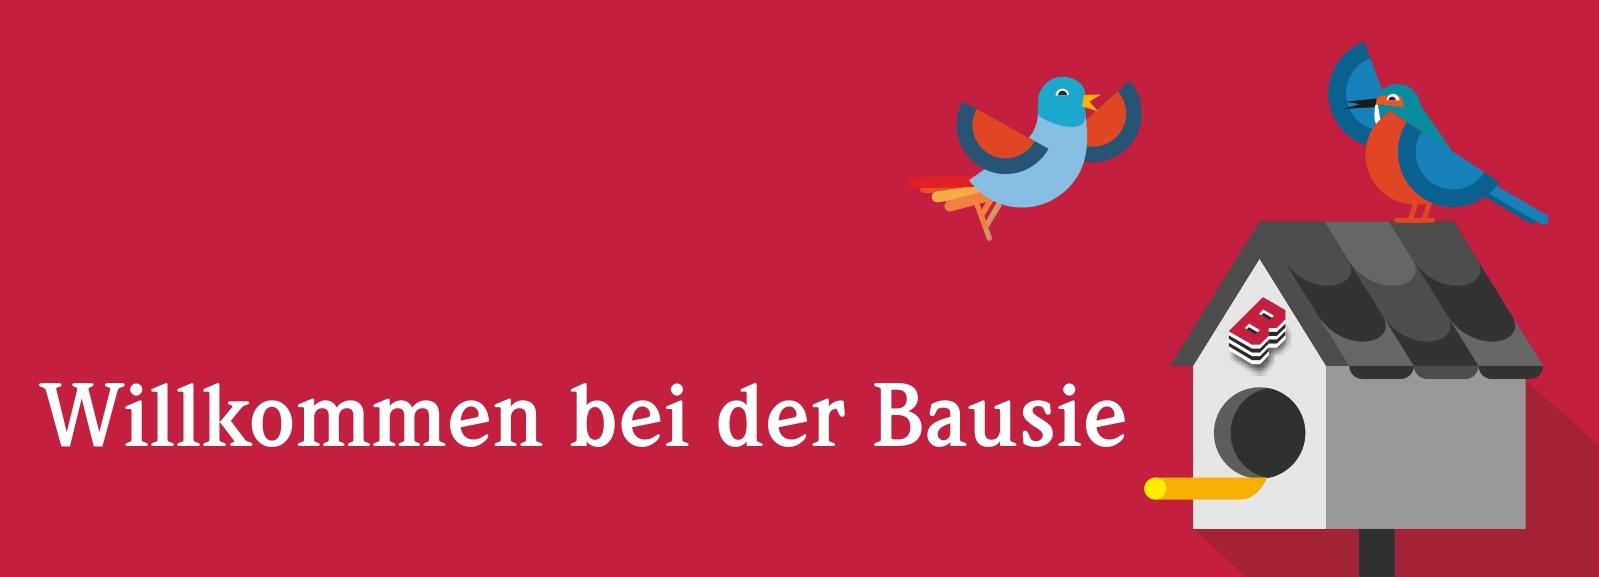 Banner-Bausie-HP-GF-Wechsel